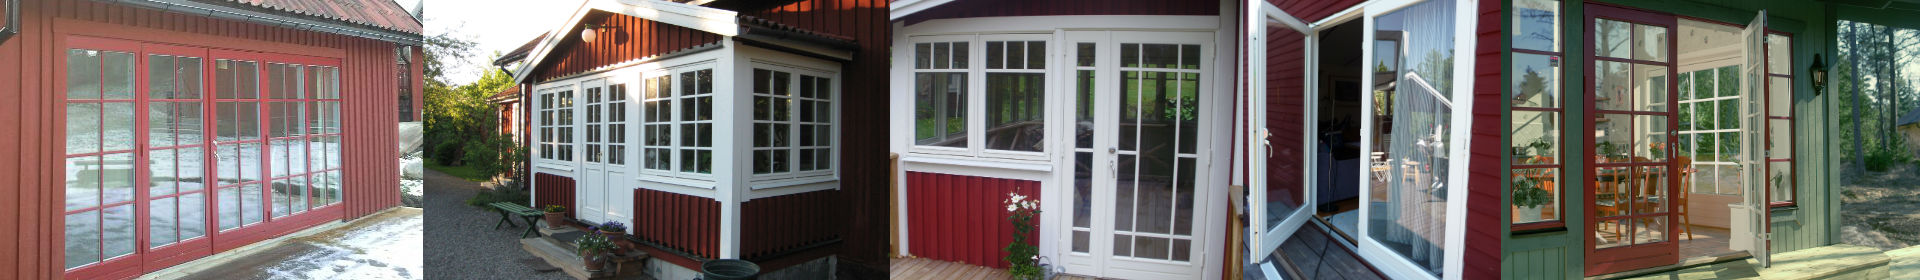 Gammaldags altandörr PI Måleri& Kakel AB i Brottby, Vallentuna, Stockholm